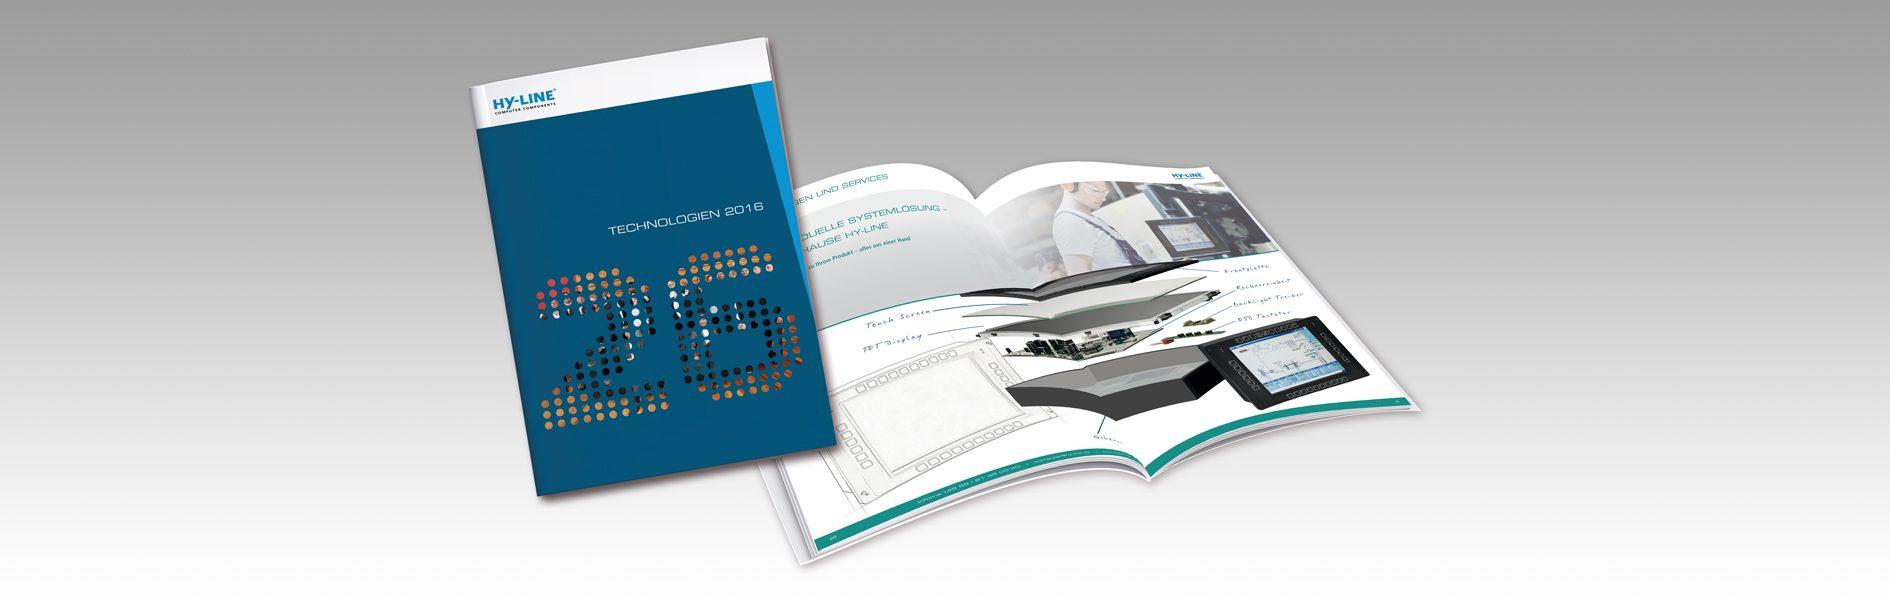 """Hier ist die Broschüre """"Technologien 2016"""" von HY-LINE abgebildet."""